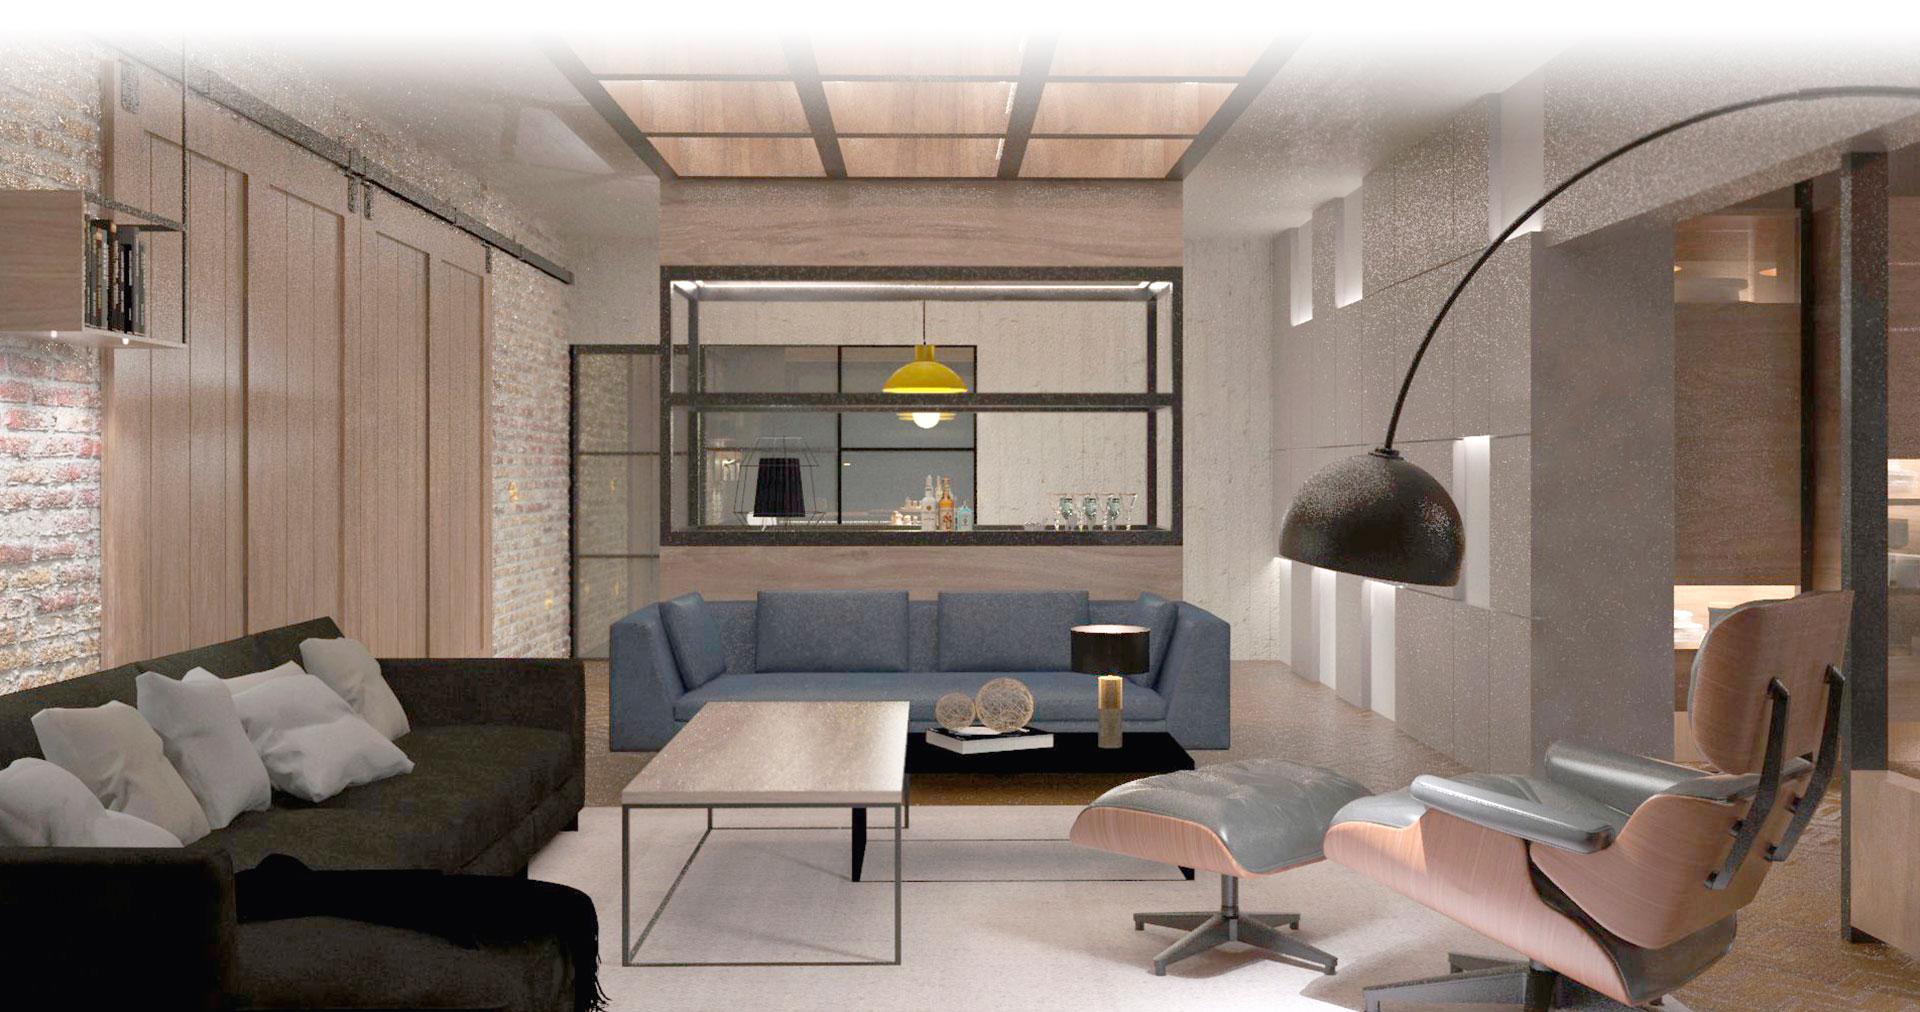 Propuesta de dise o interior estilo industrial para un for Arquitectura de interiores universidades